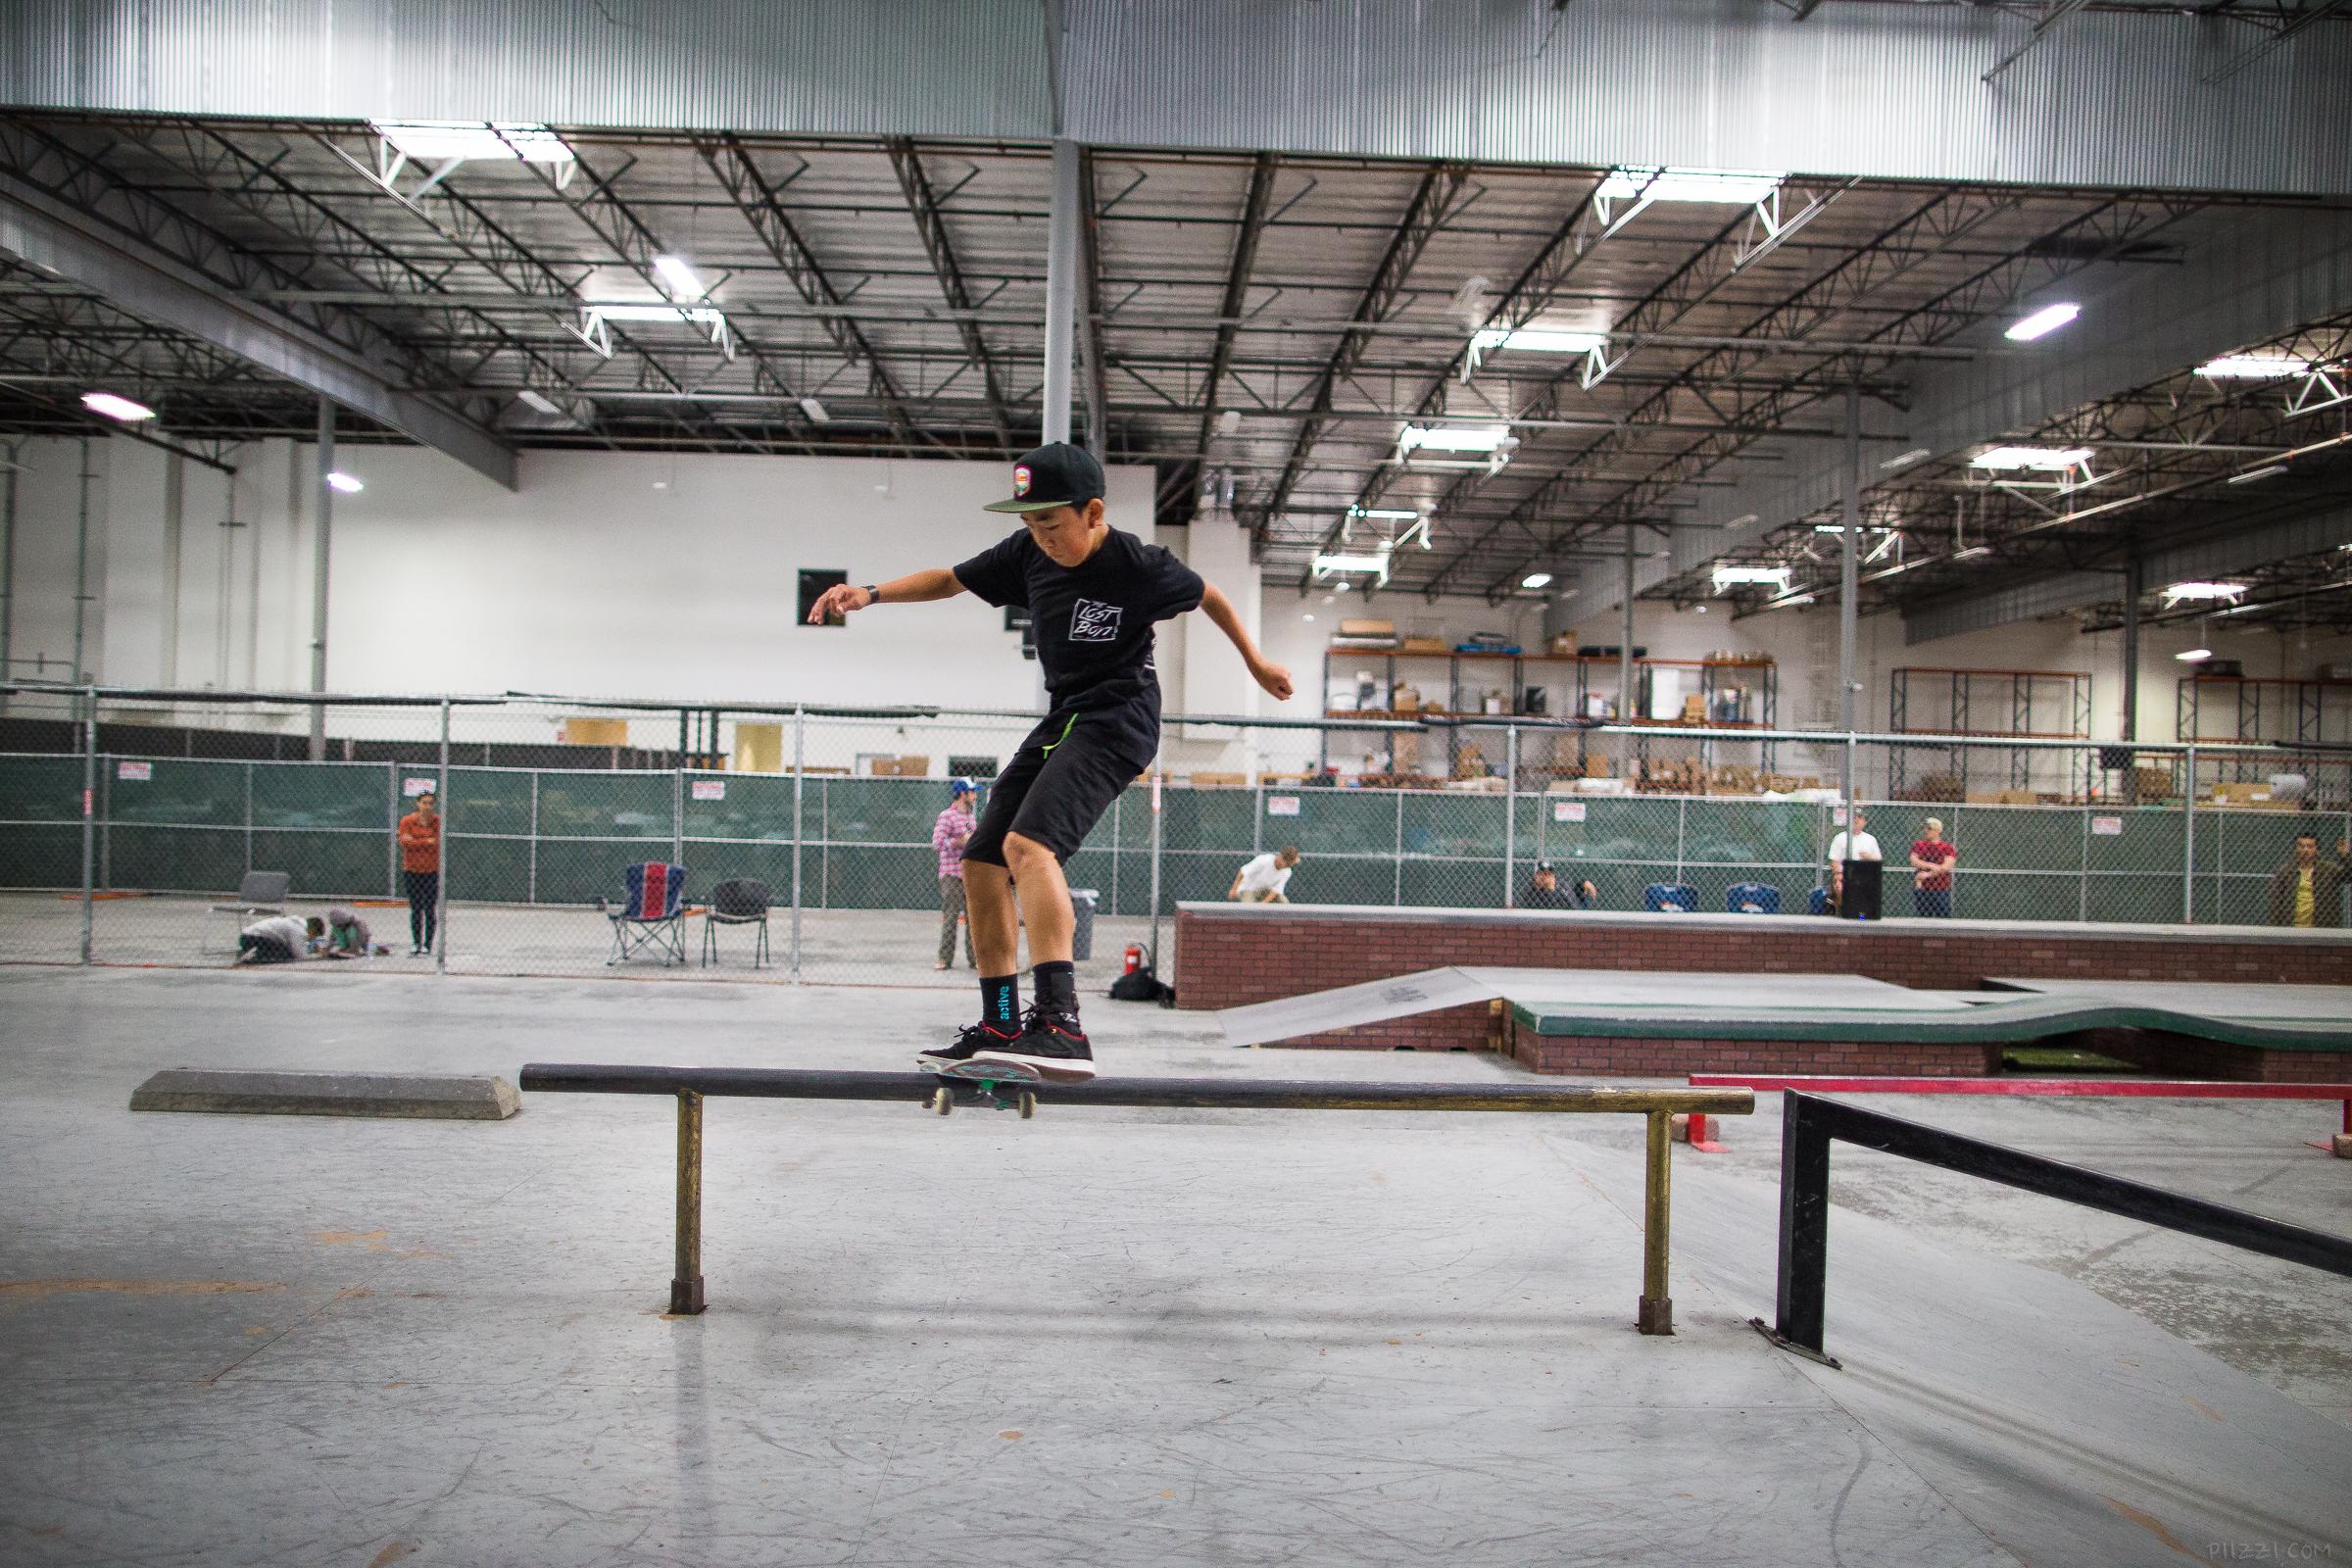 skate_rail_fslip_kevin.jpg